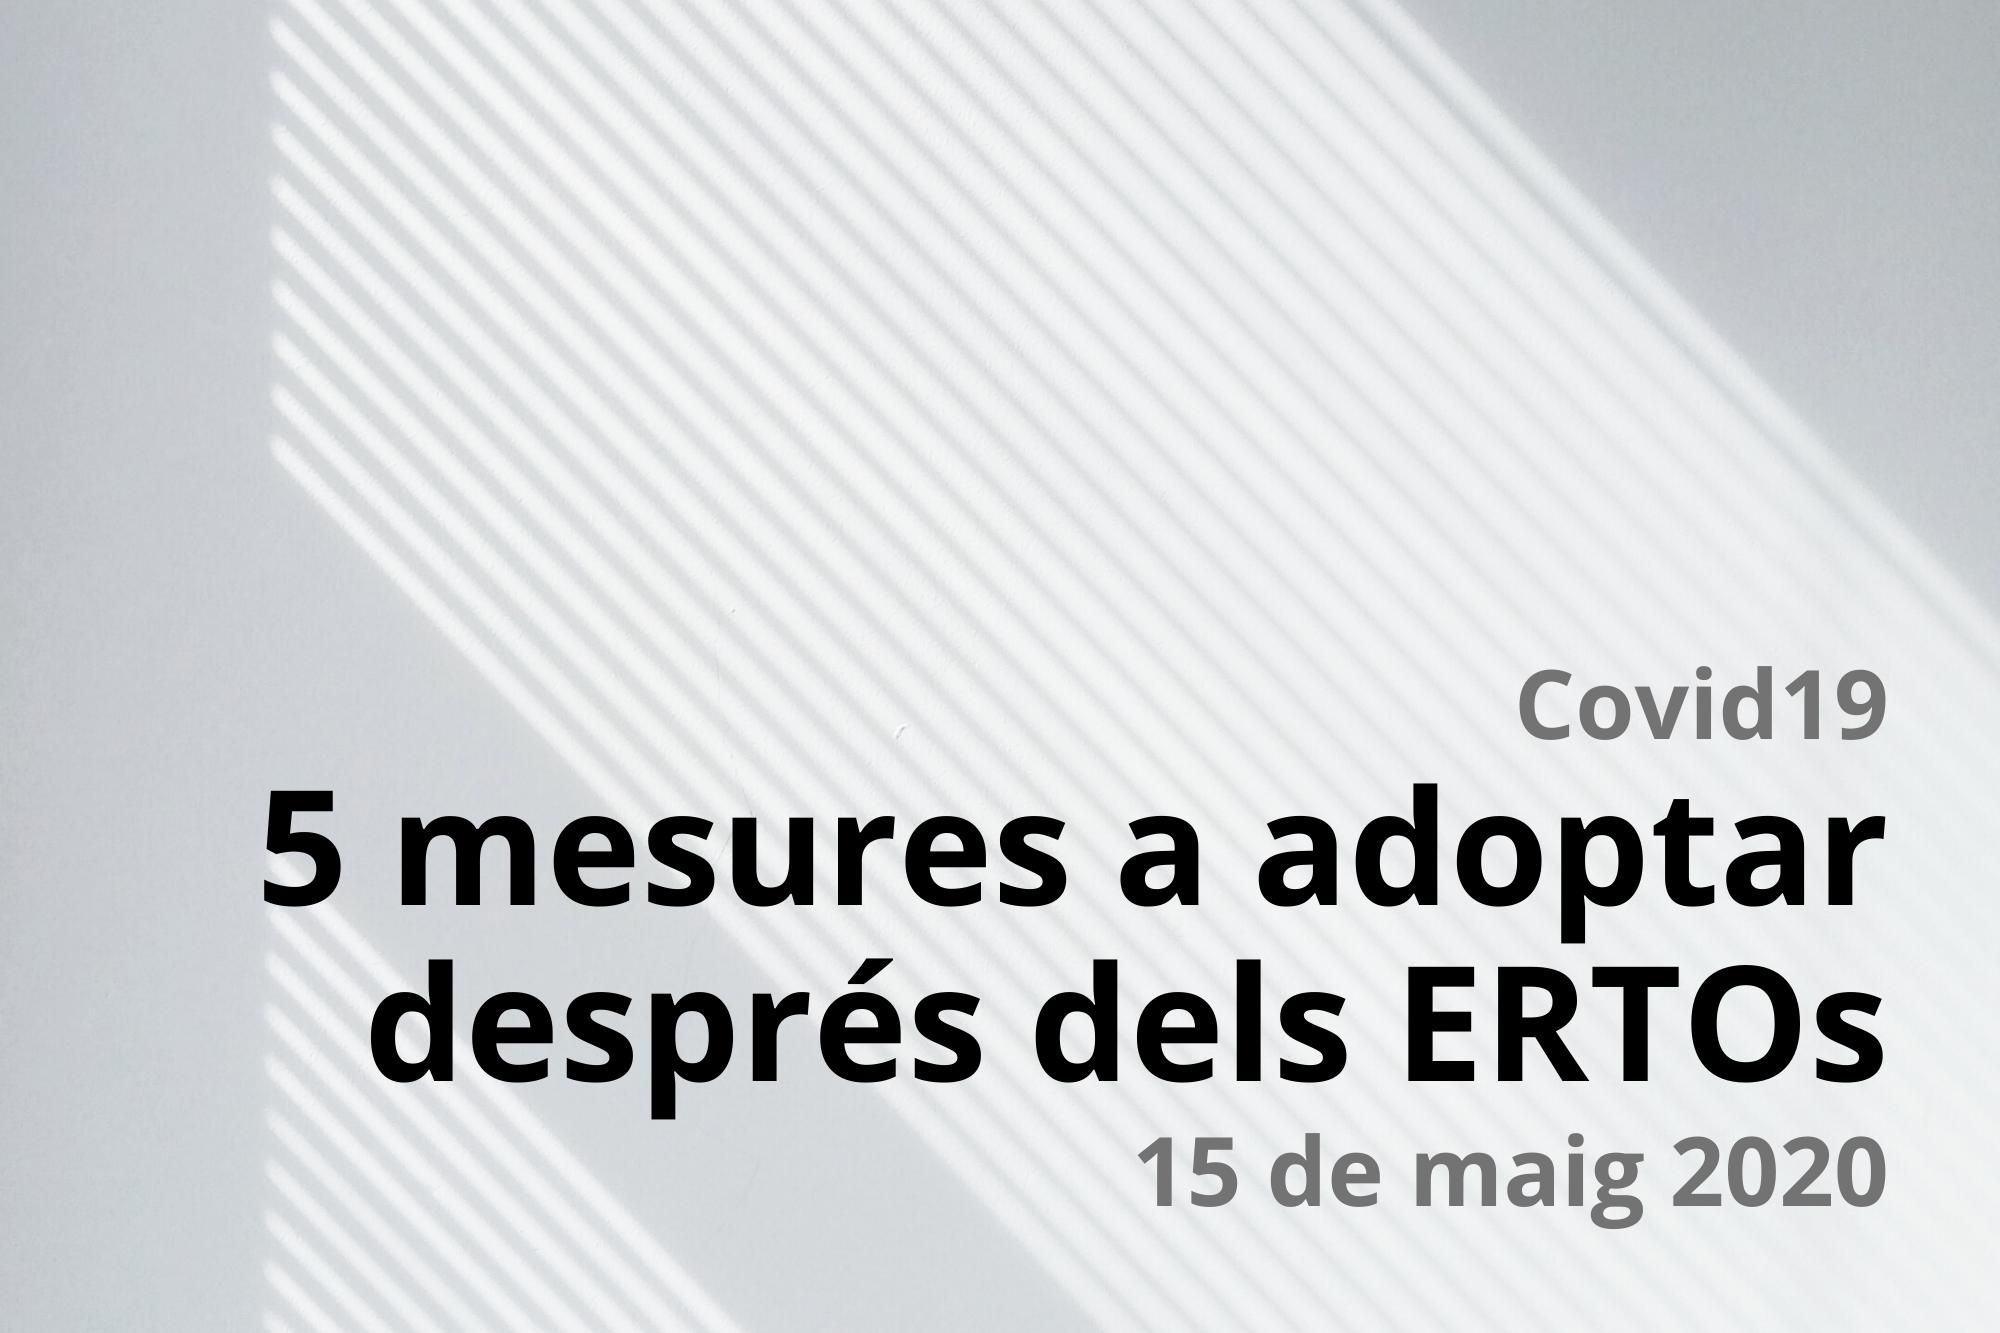 5 Mesures A Adoptar Després Dels ERTOs. Nou Reial Decret 18/2020.